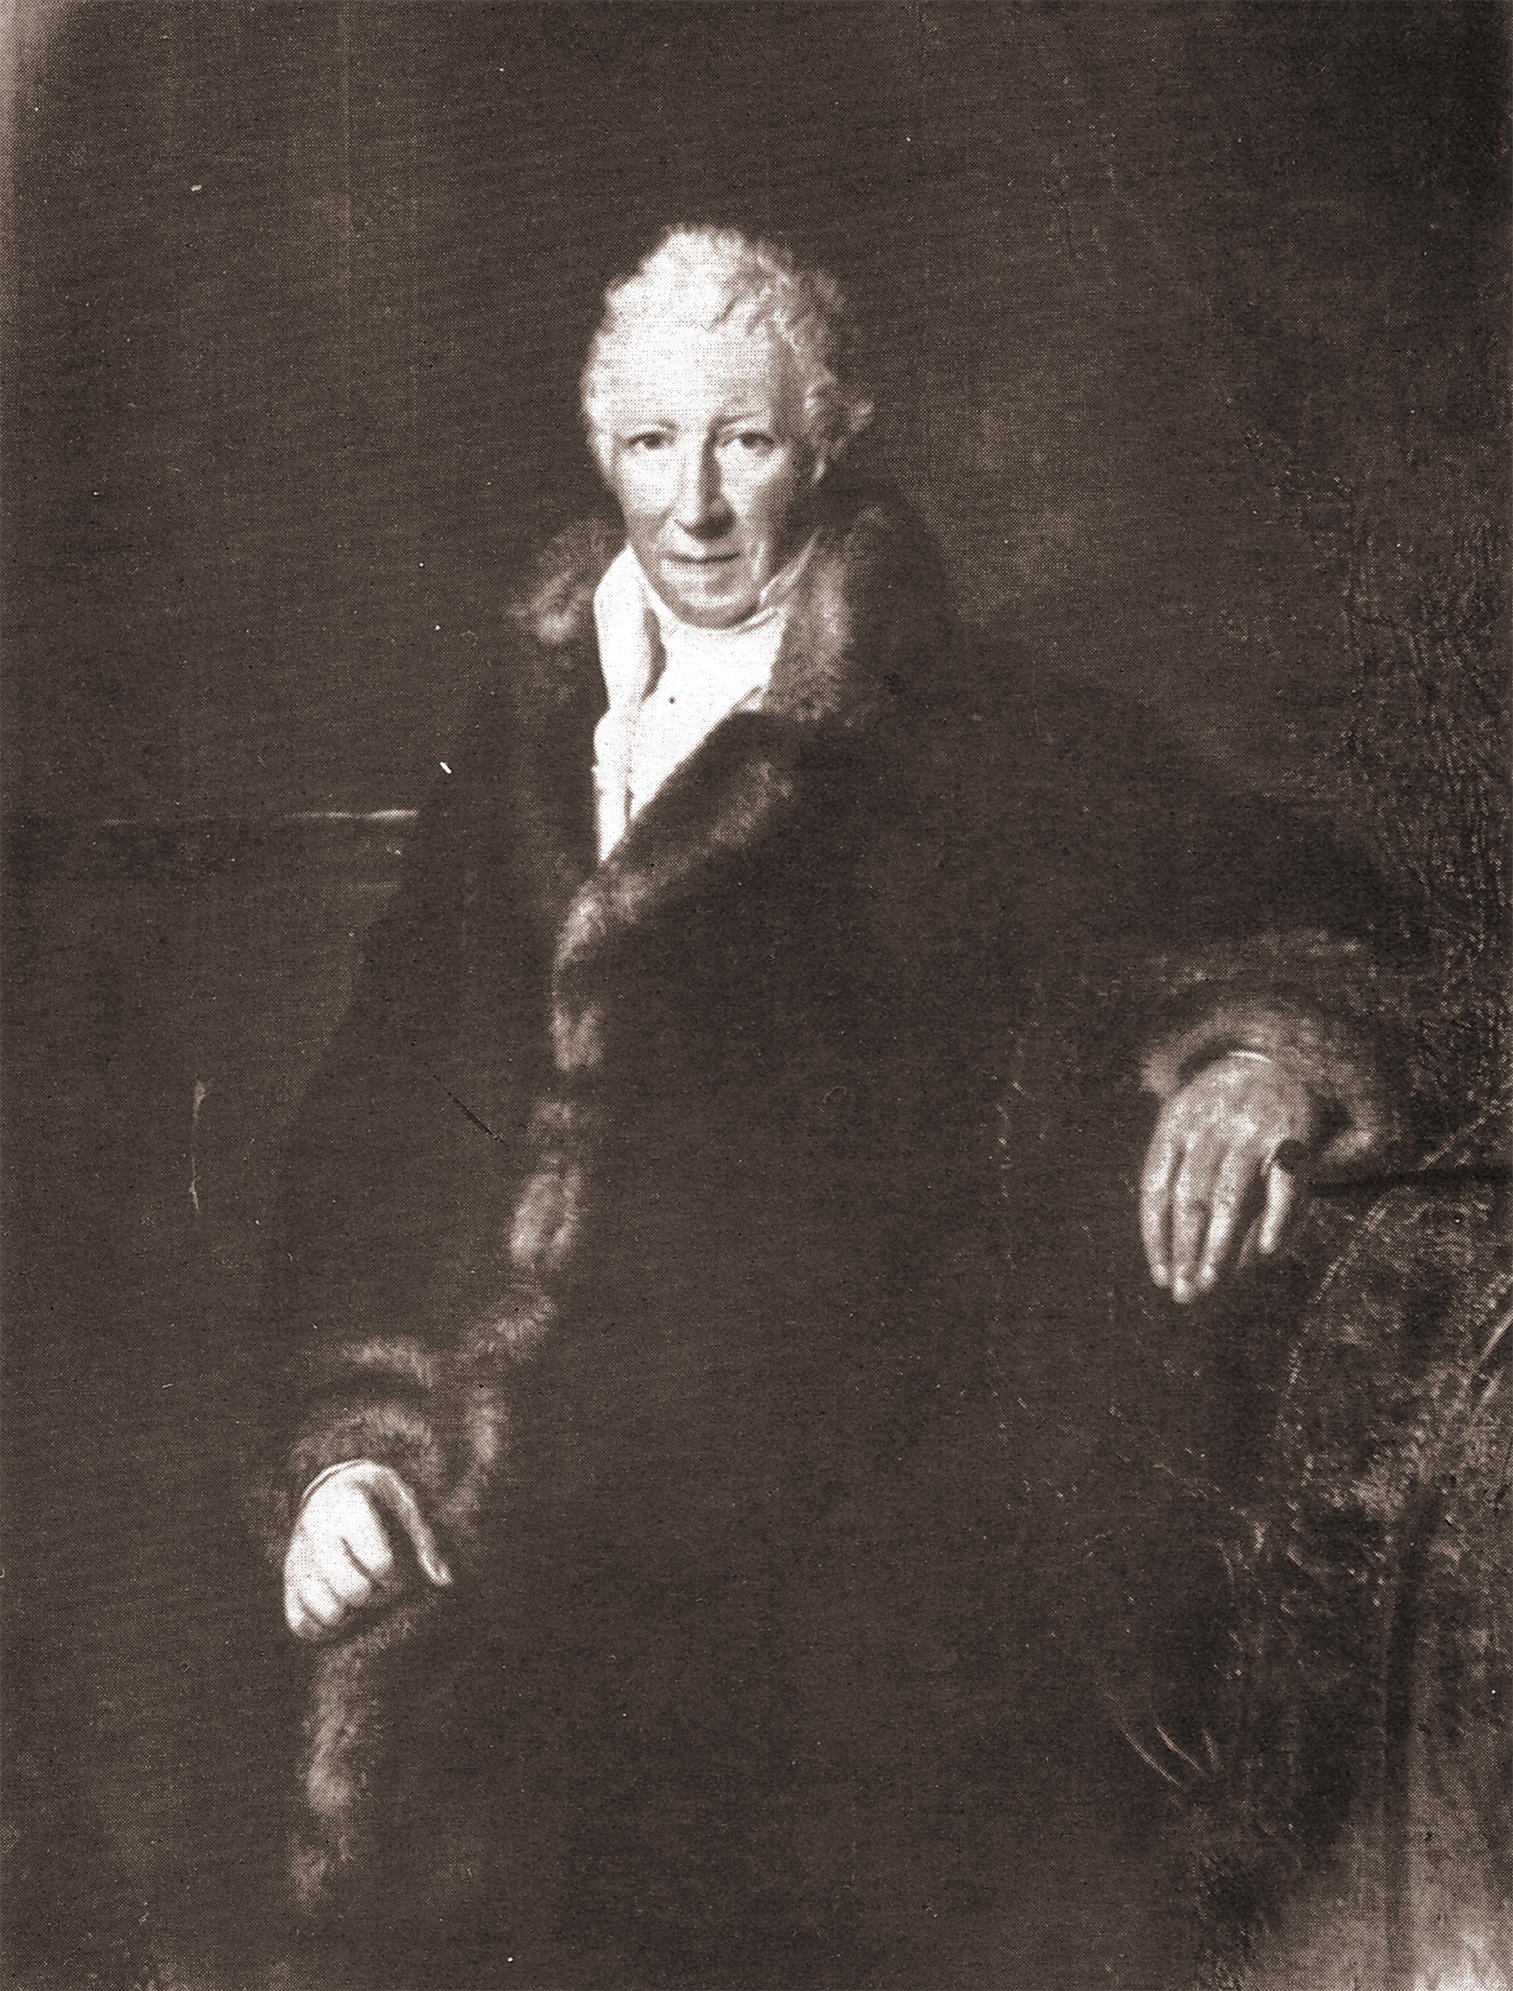 Edzard Mauritz Graf zu Inn- und Knyphausen (1748 – 1824) Präsident der ostfriesischen Stände und Gestalter des Lütetsburger Parks Gemälde von Tiedemann in Lütetsburg, 1893 verbrannt